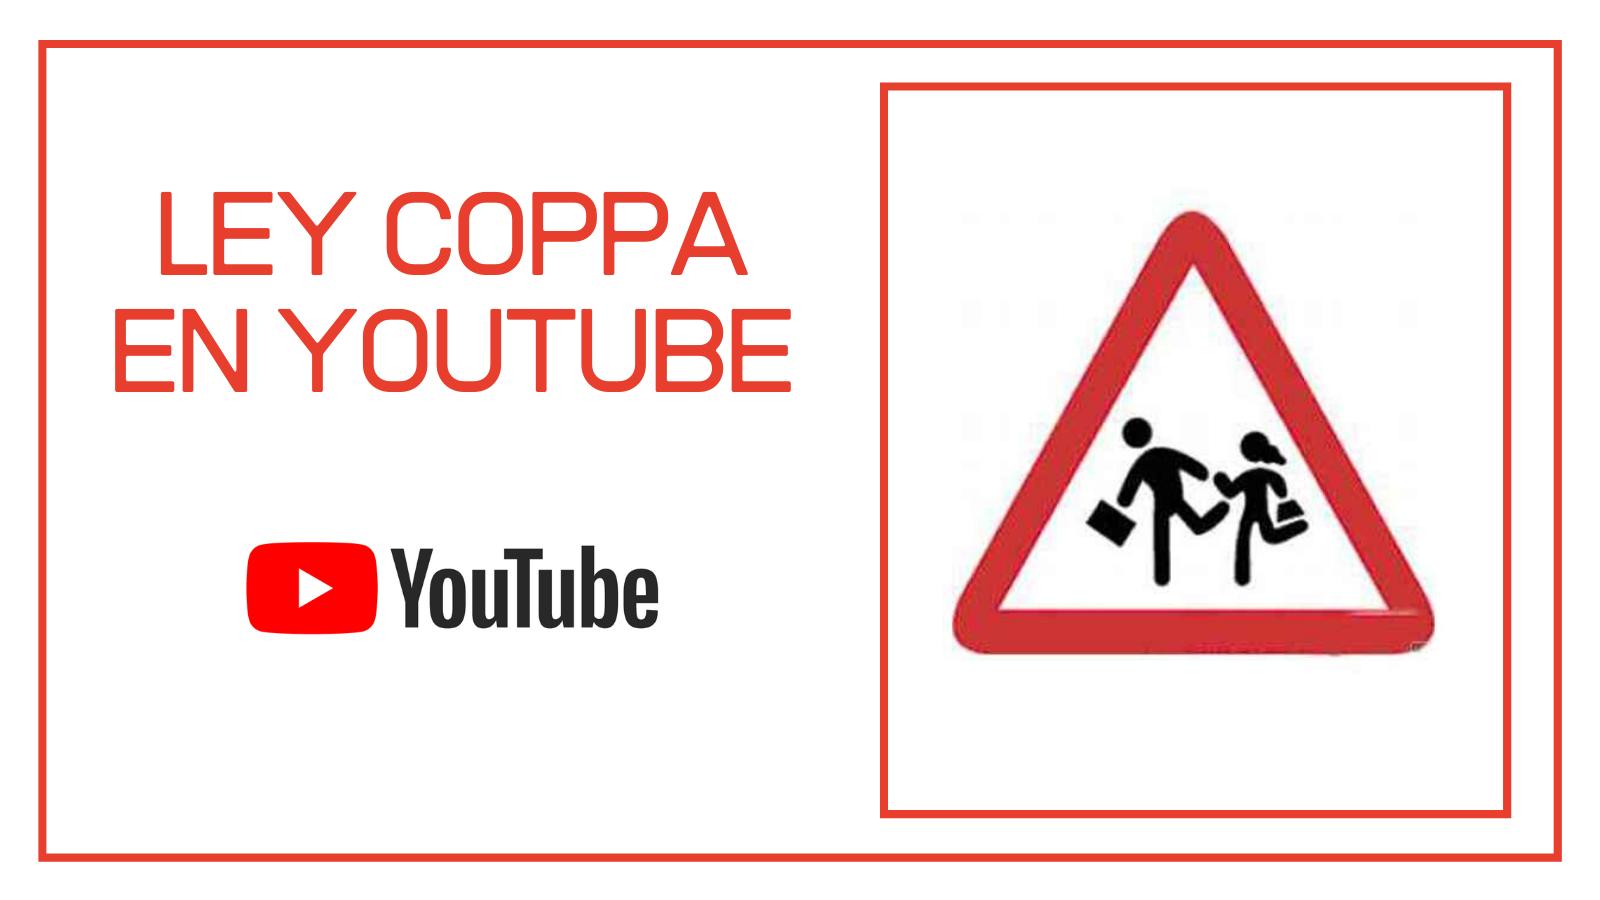 LEY COPPA EN YOUTUBE